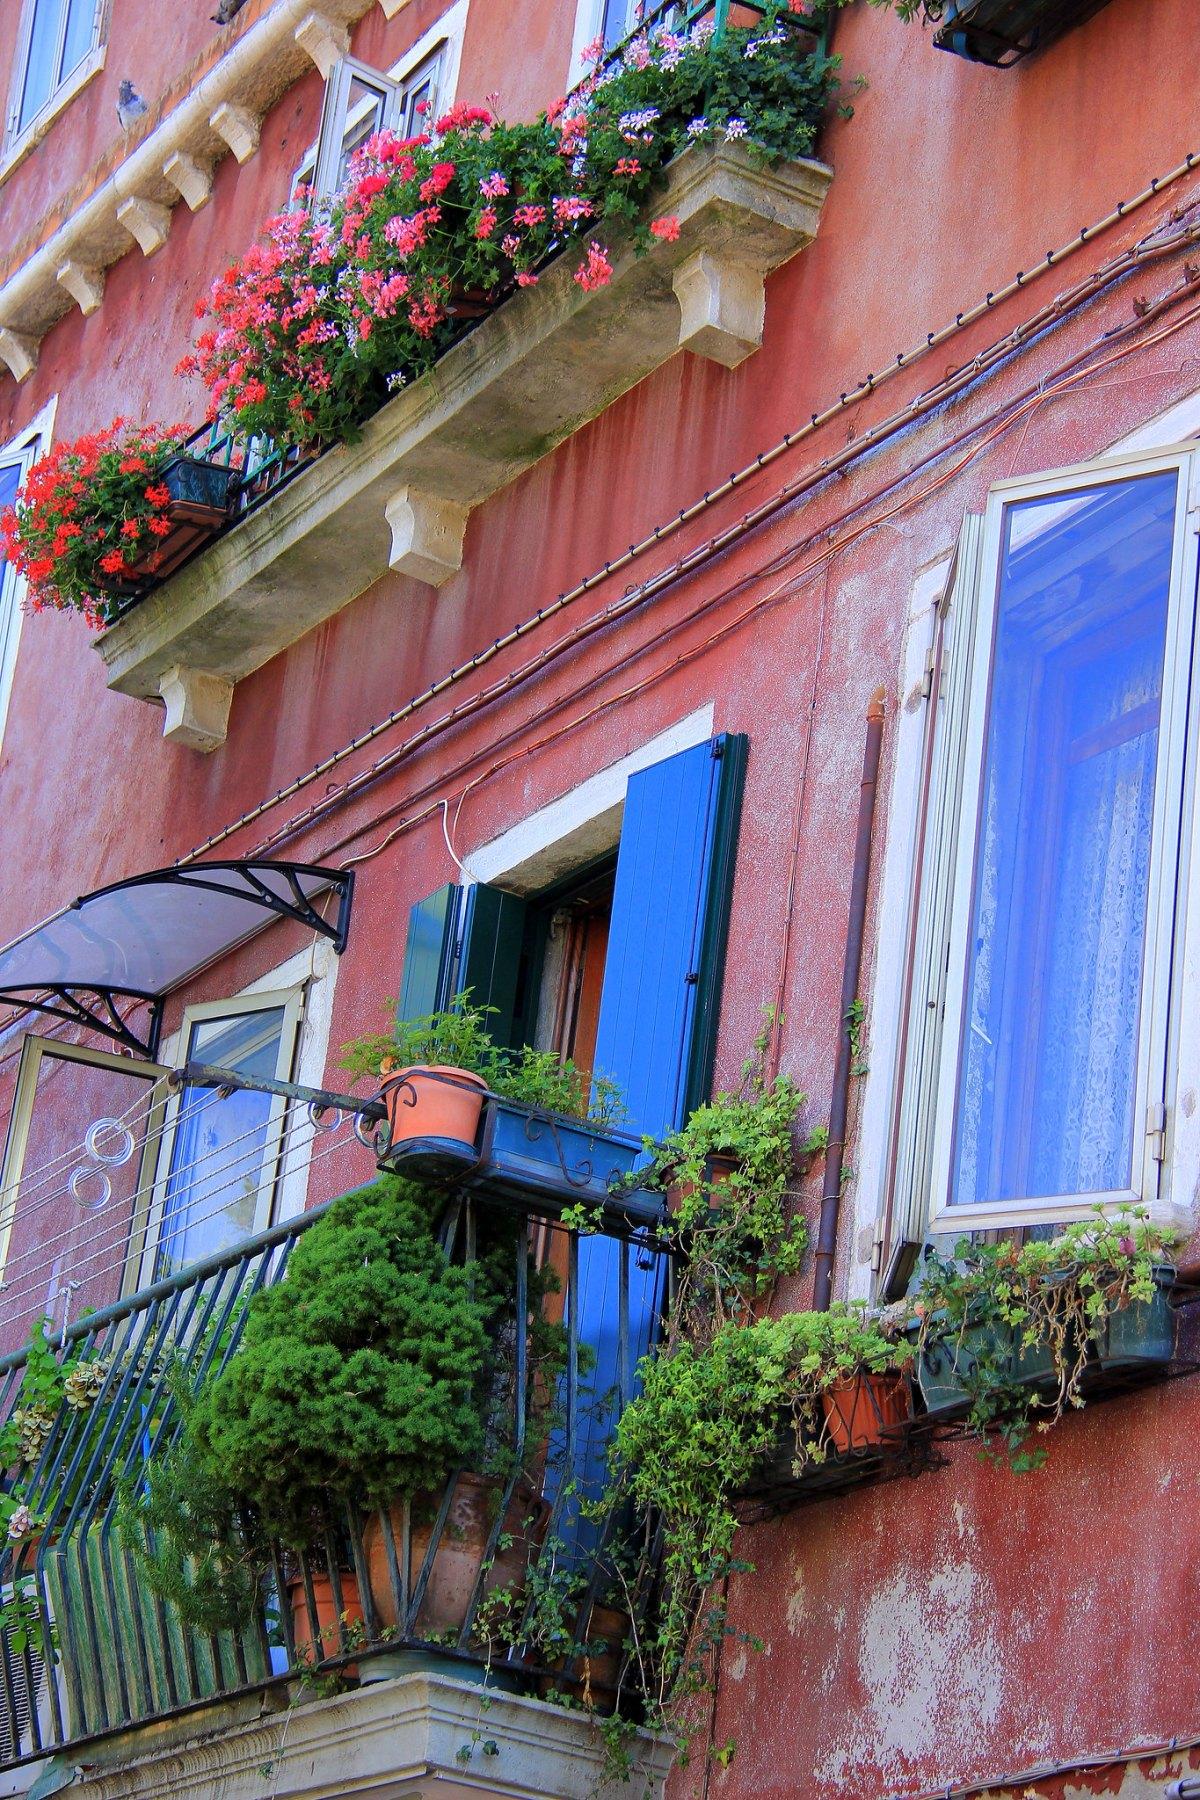 The flowering balconies of Murano